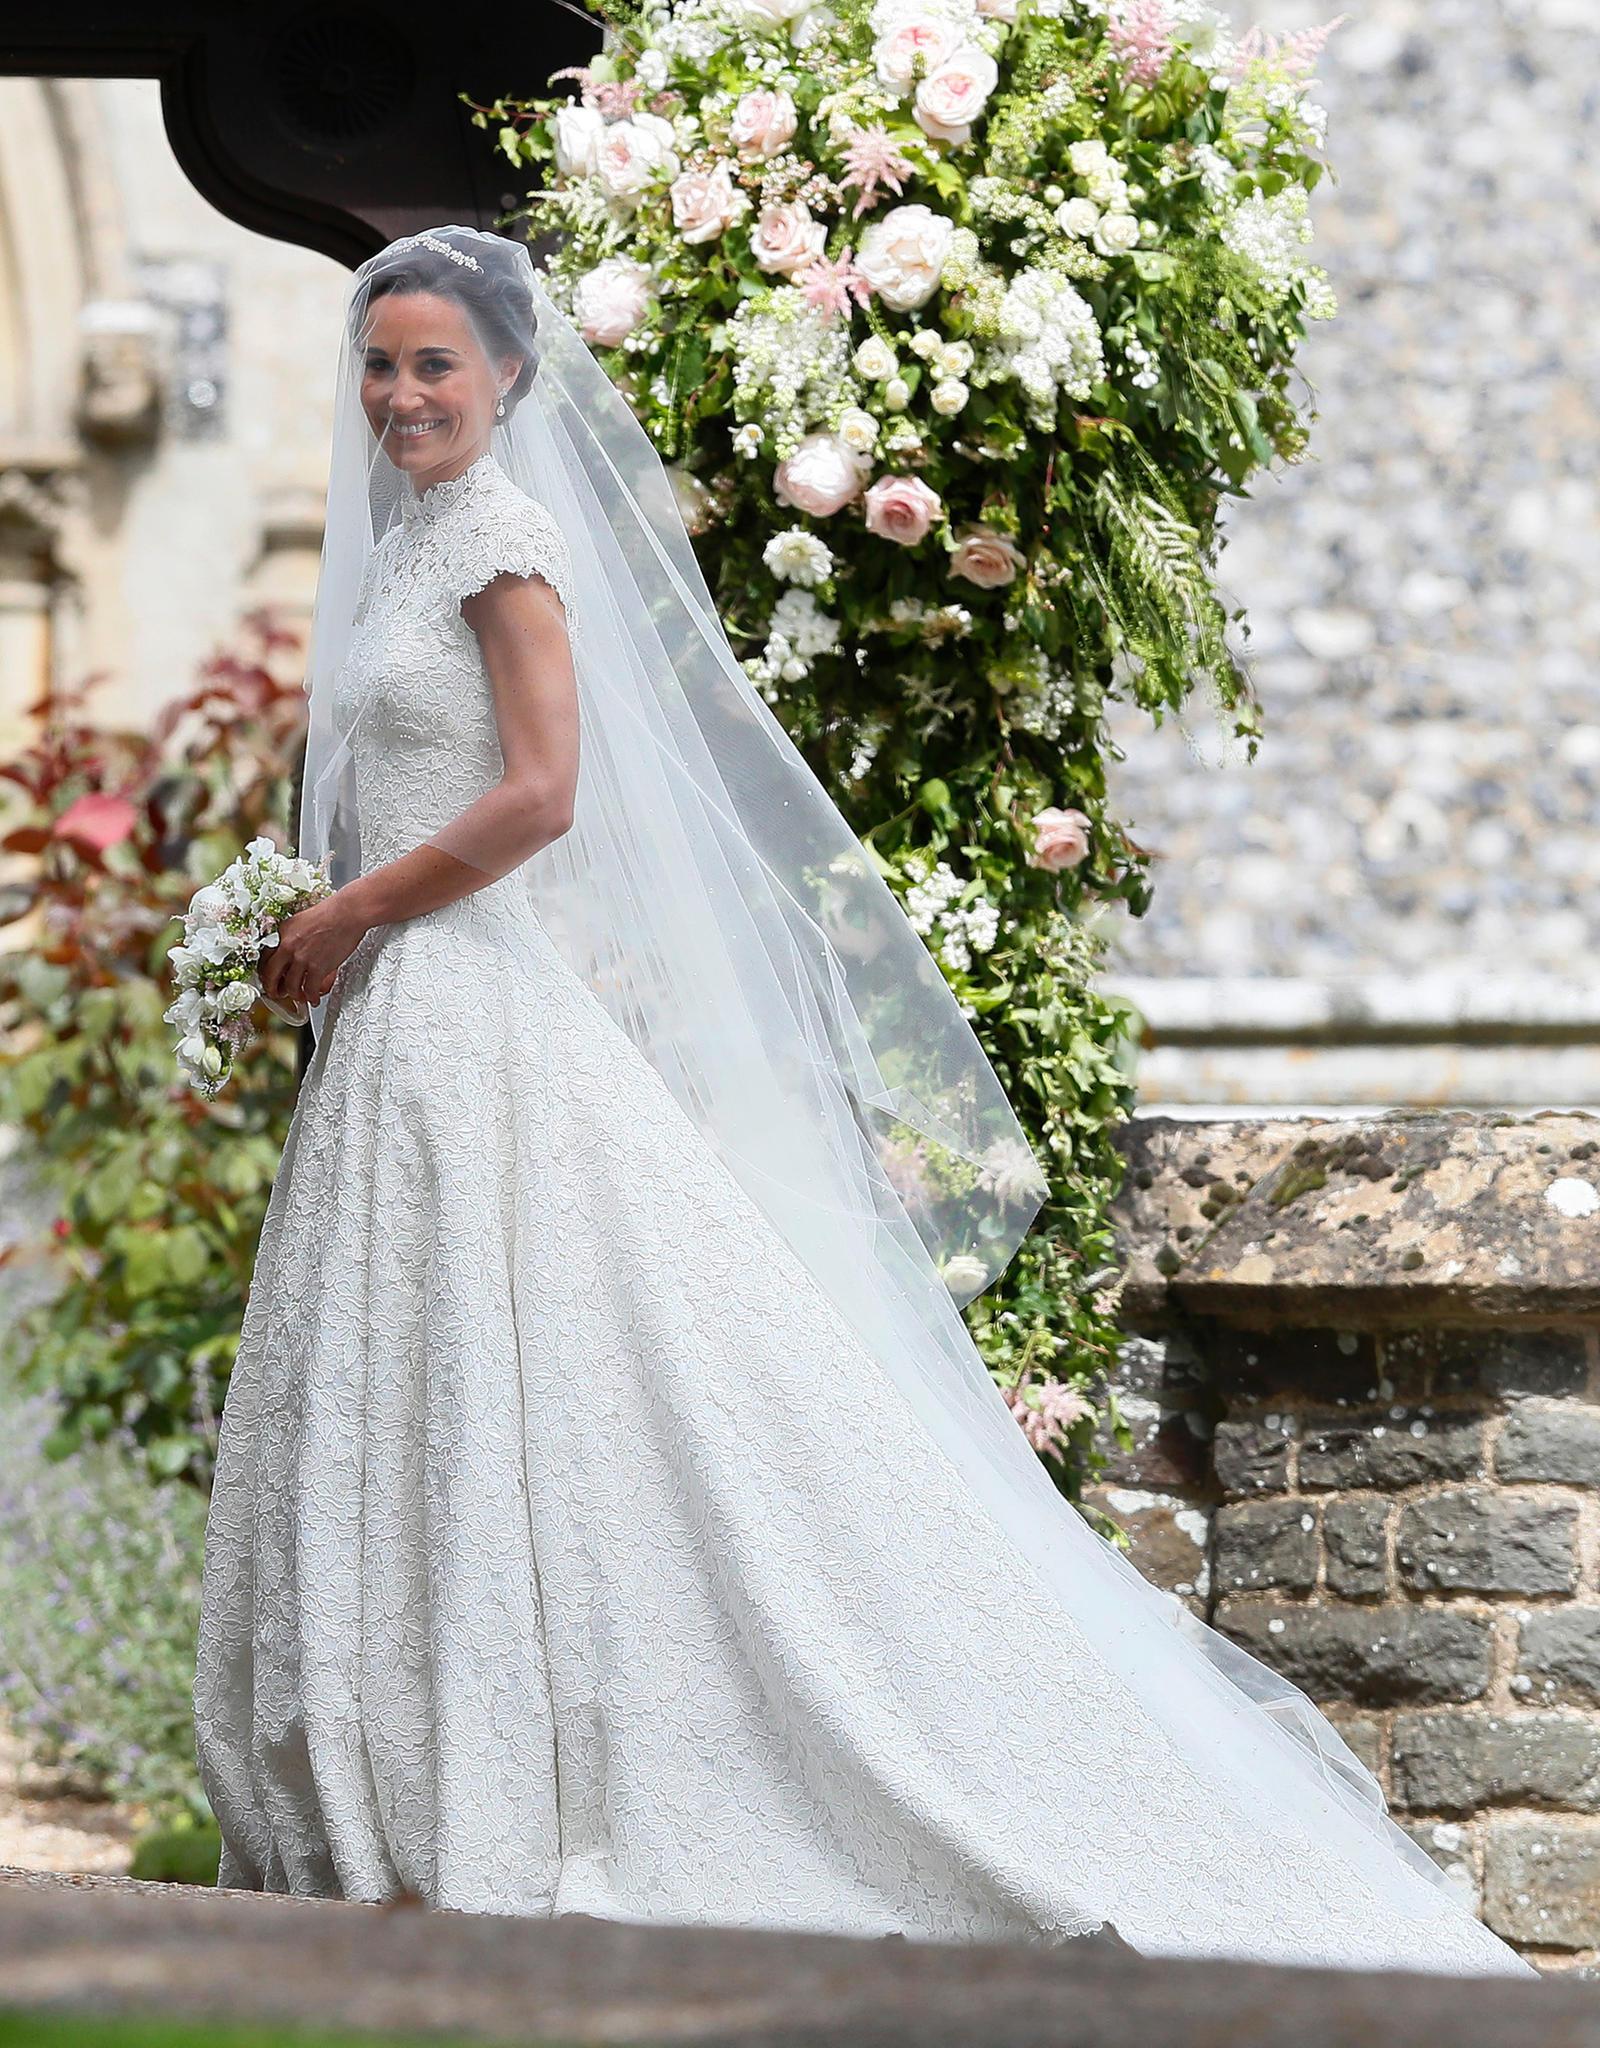 Pippa Middleton: Ihr Brautkleid Ist Von Giles Deacon | Gala.de